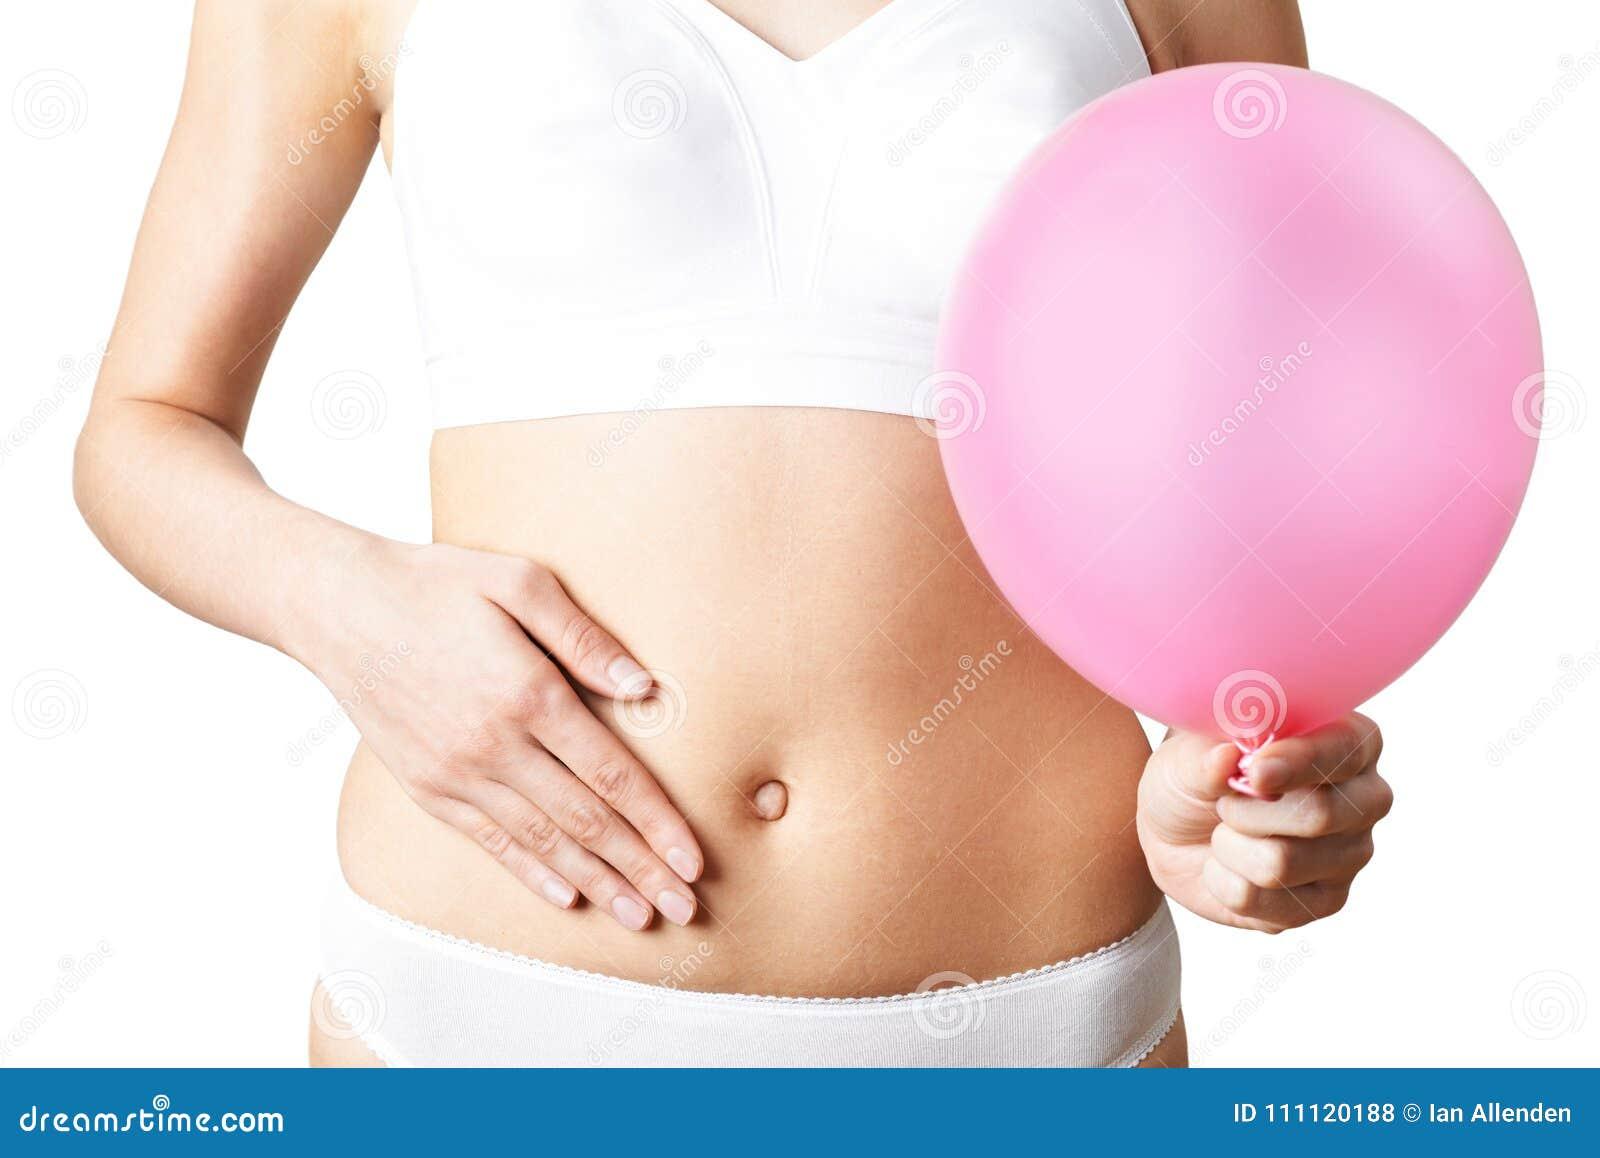 Schließen Sie oben von der Frauen-tragenden Unterwäsche, die rosa Ballon und Tou hält